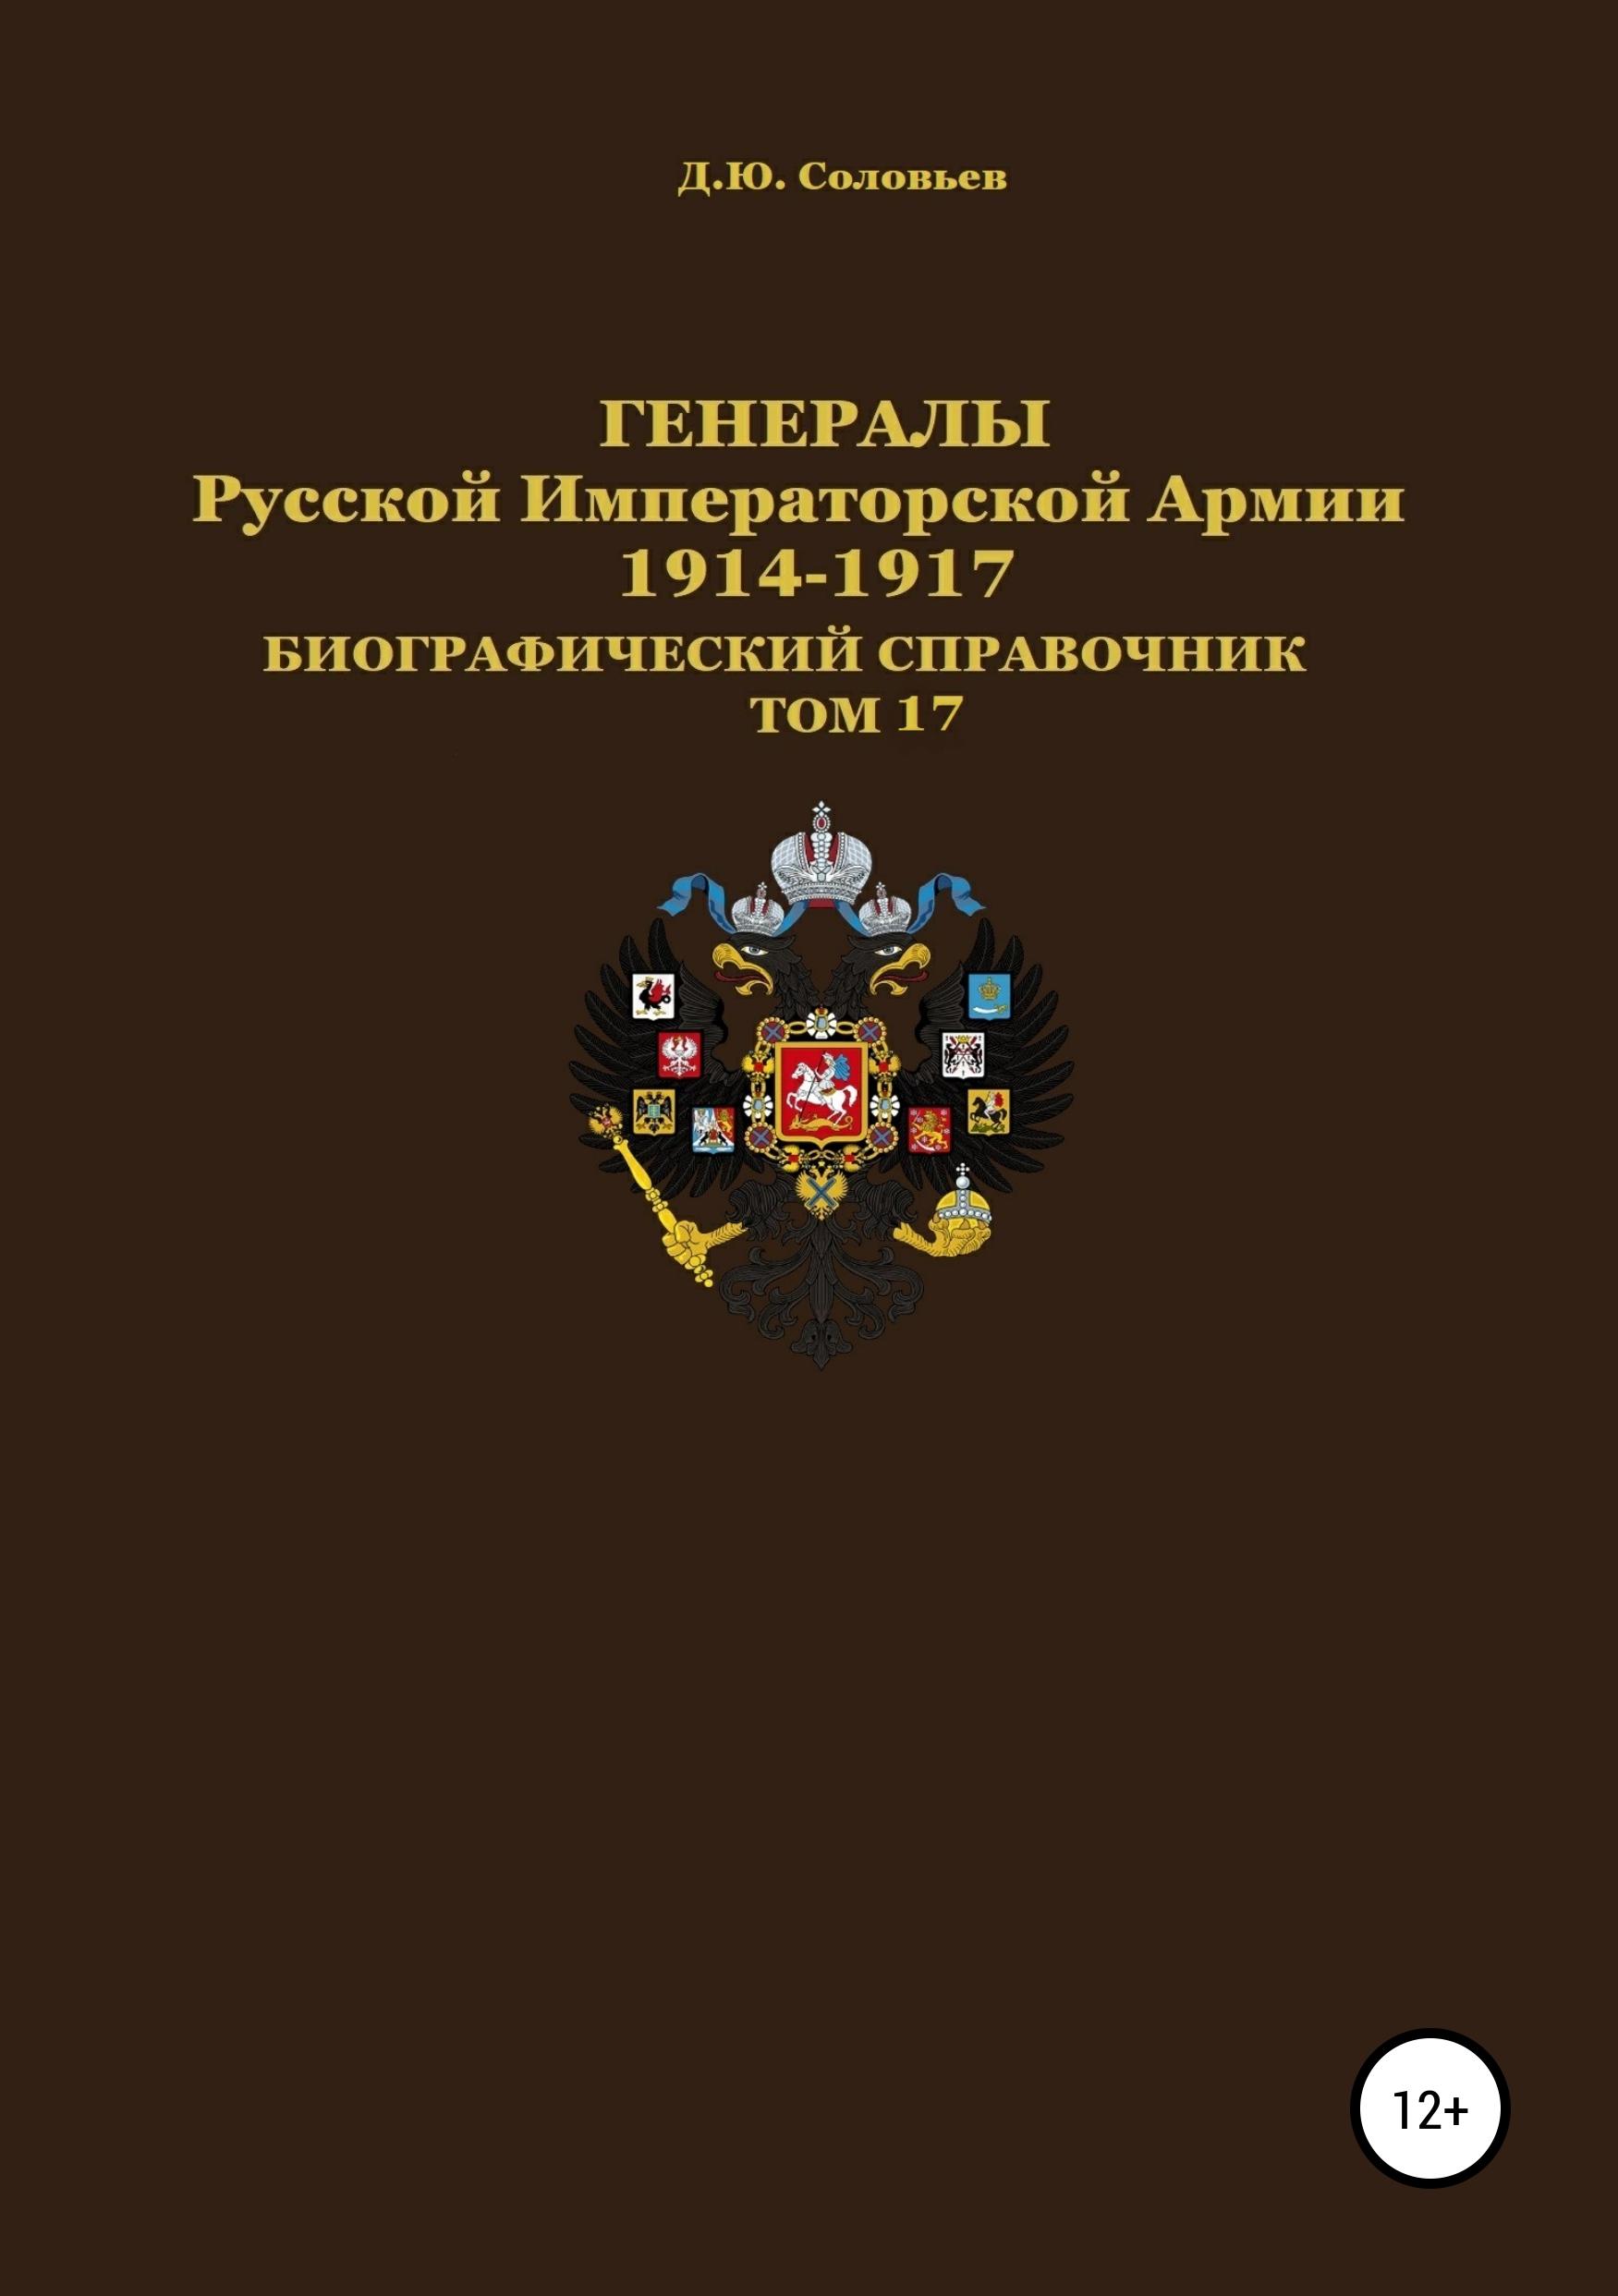 Денис Юрьевич Соловьев. Генералы Русской Императорской Армии 1914–1917 гг. Том 17